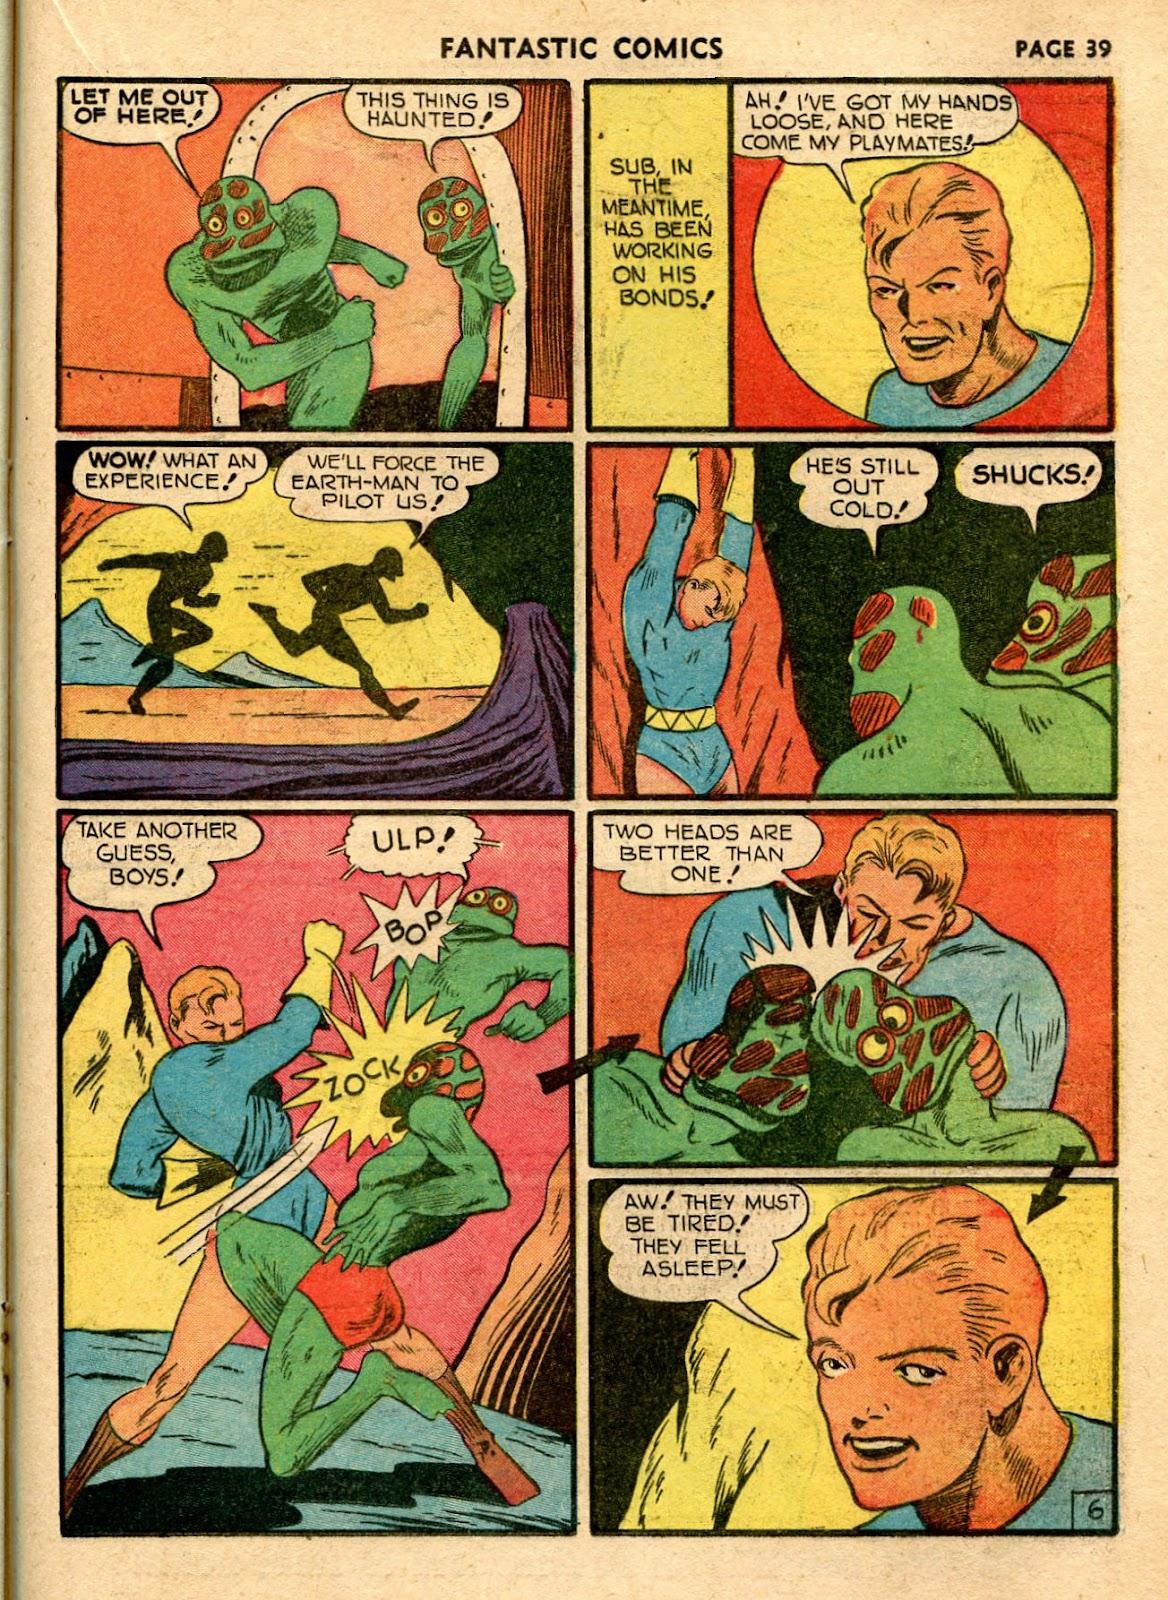 Read online Fantastic Comics comic -  Issue #21 - 37